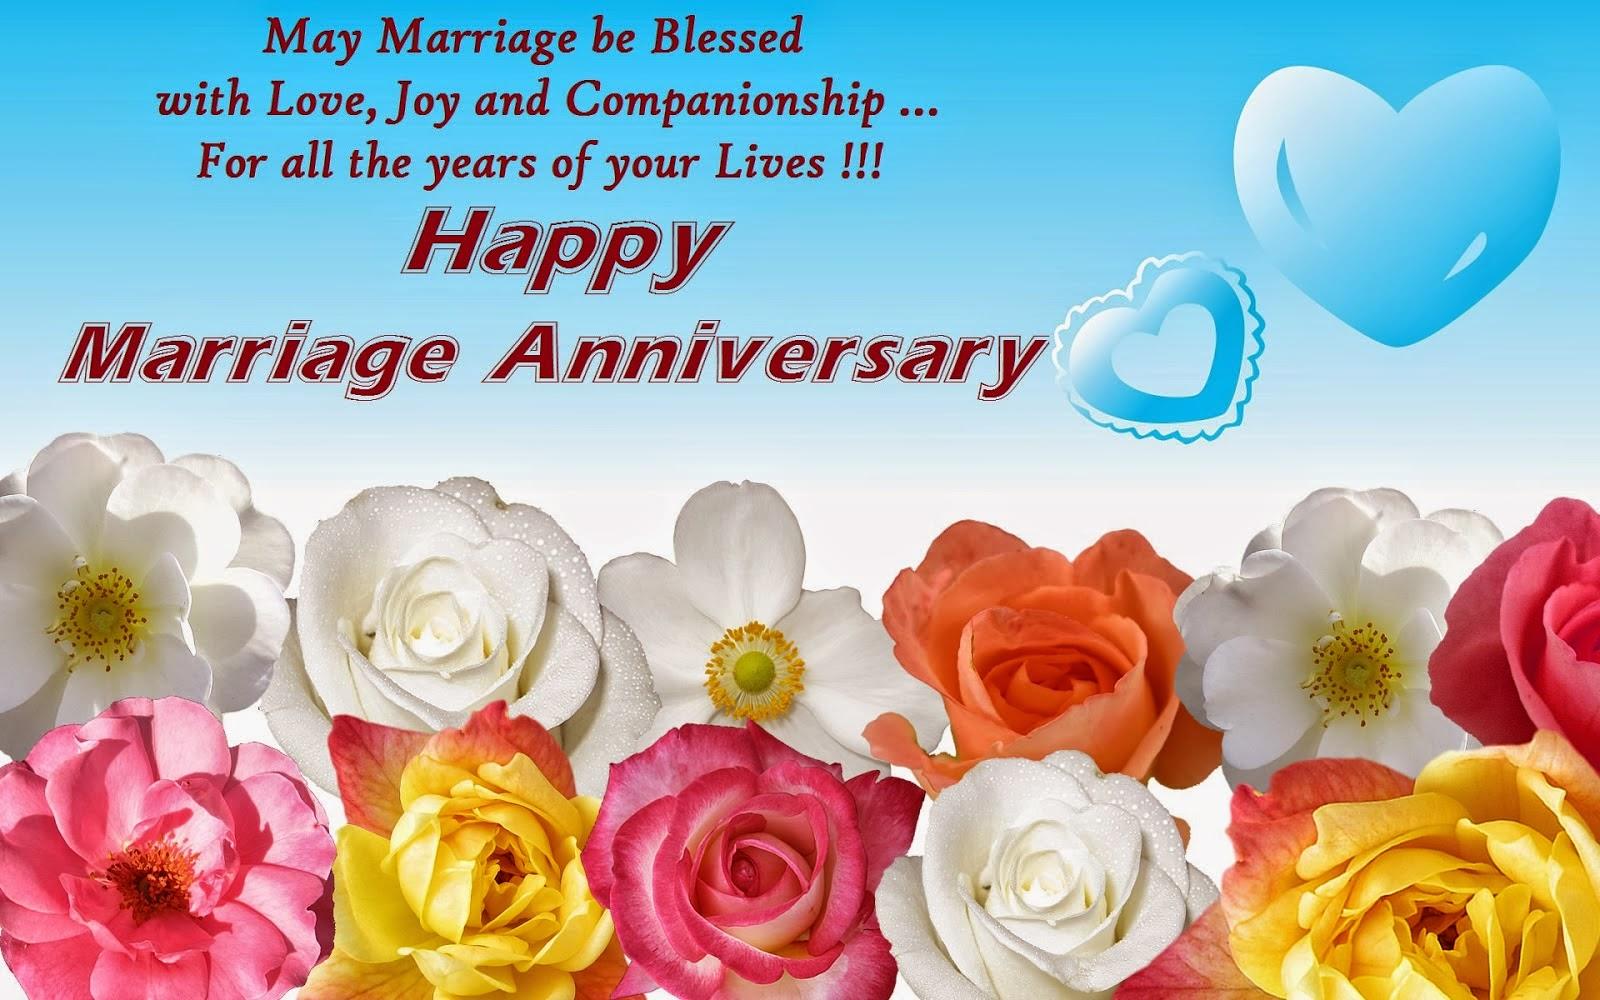 SMS Bon anniversaire de mariage au couple